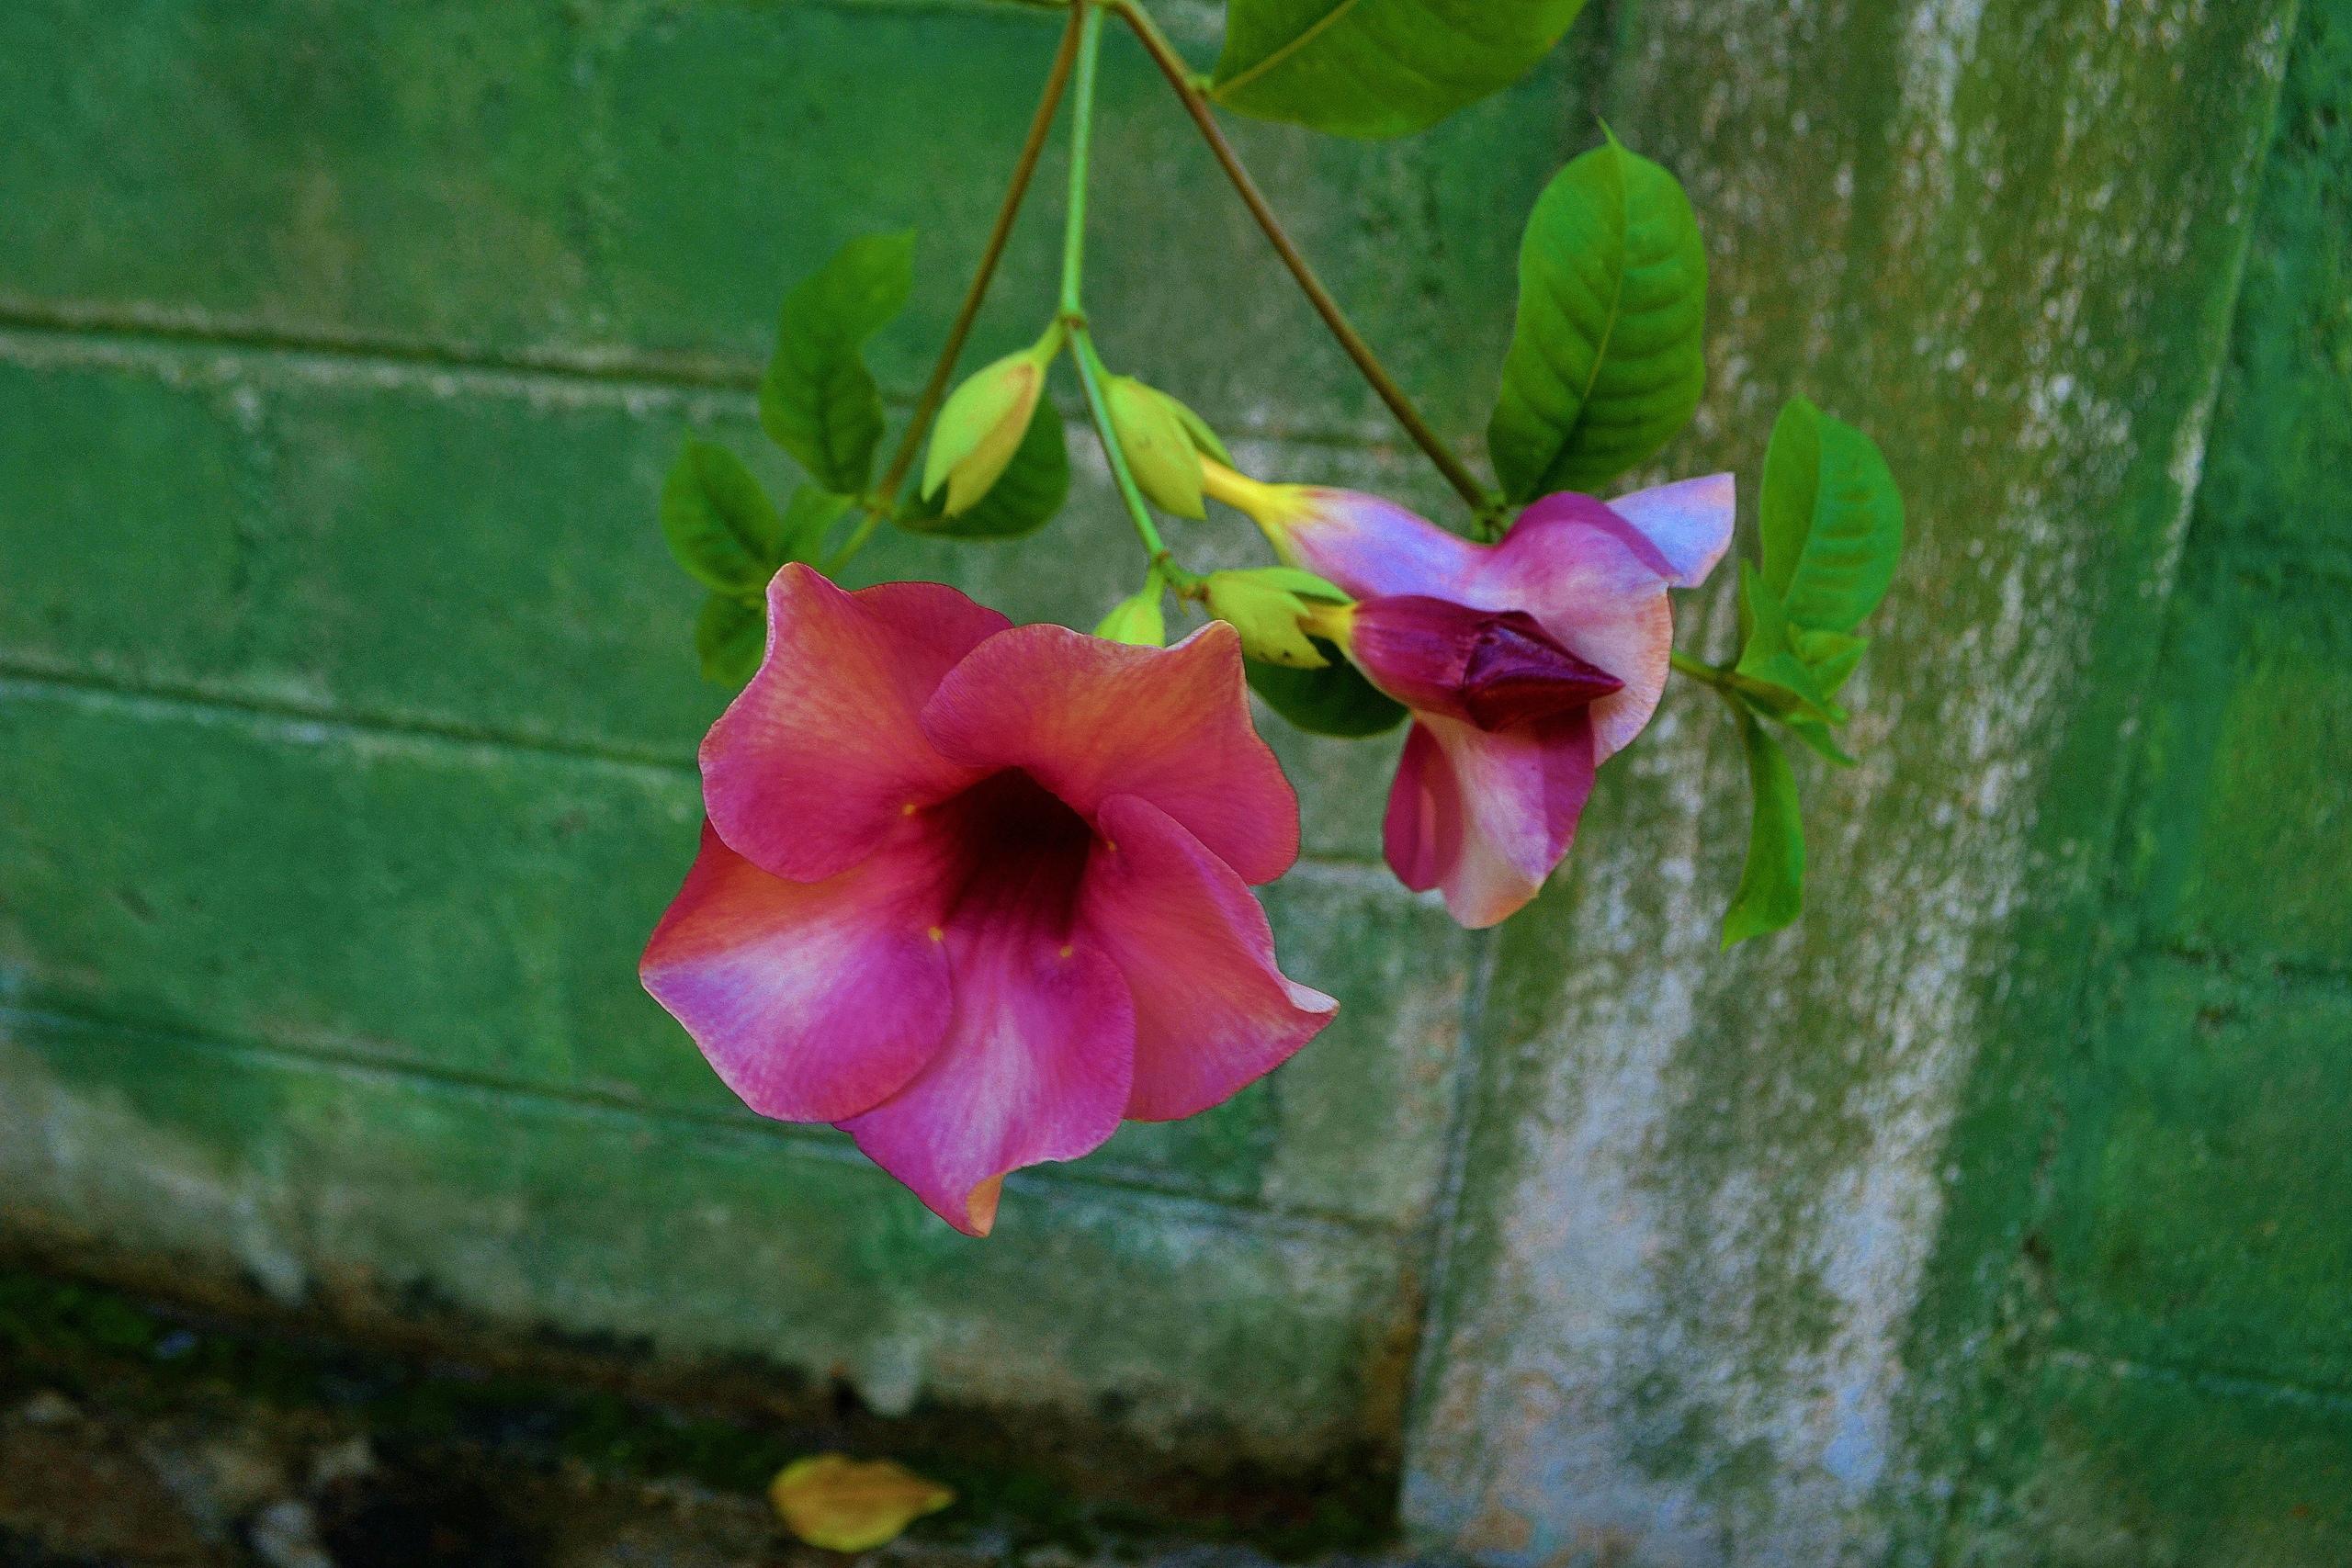 Шри Ланка (фото) - Страница 2 16BfQrnq_Xc